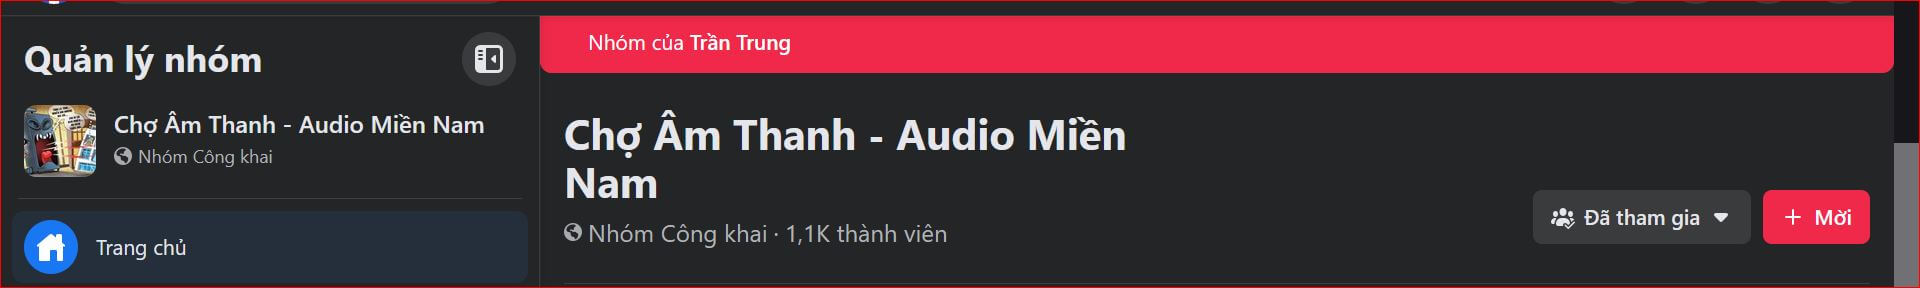 Chợ Âm Thanh - Audio Miền Nam